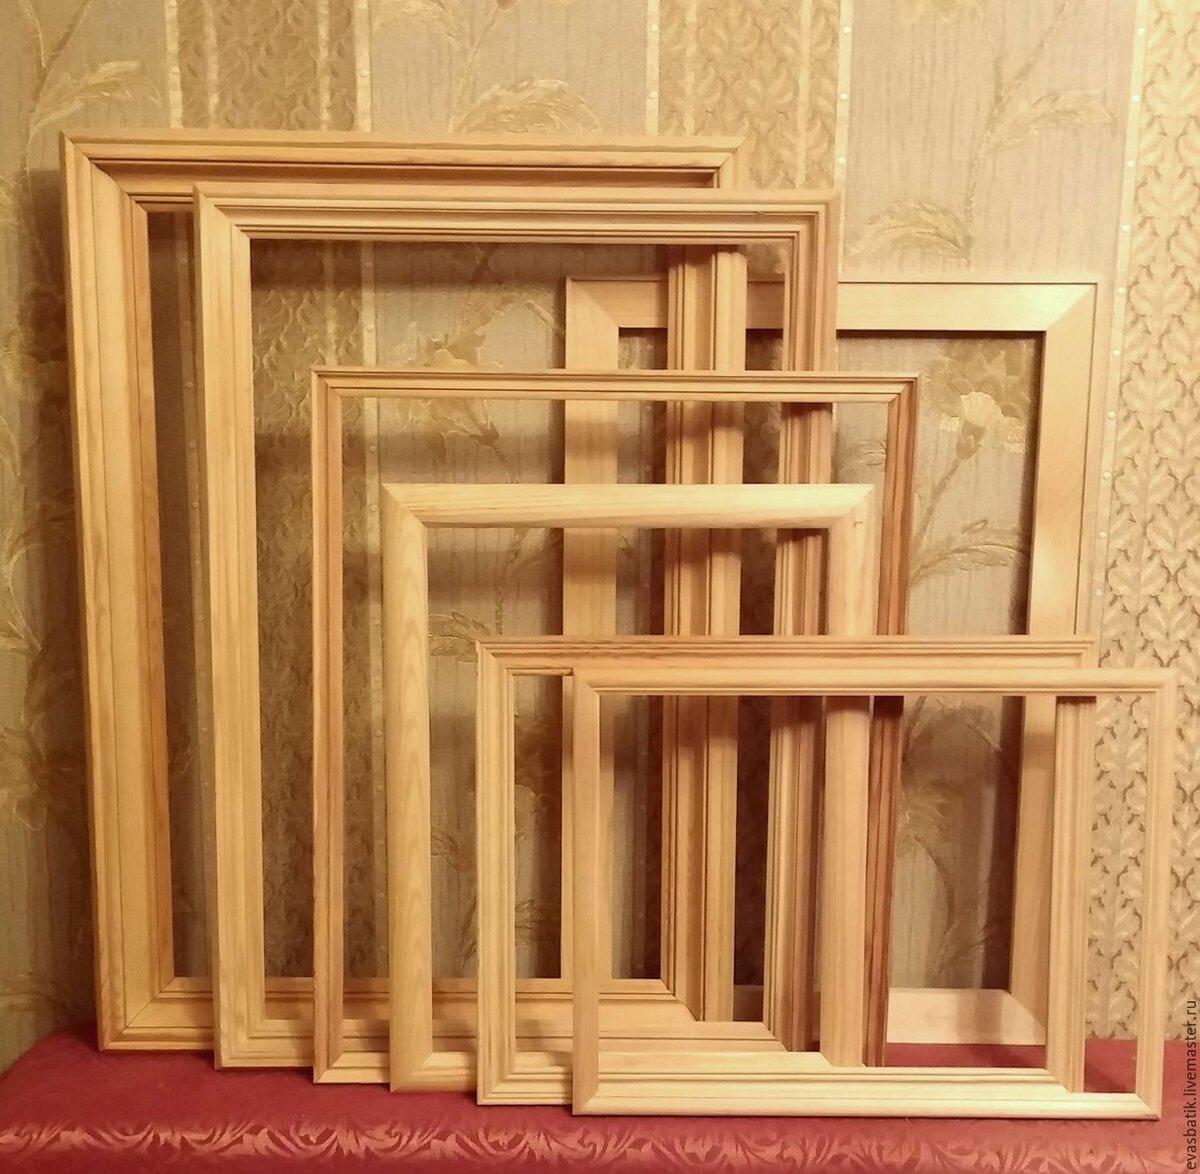 помощью как сделать из дерева рамку под фото активно гастролирует, принимает